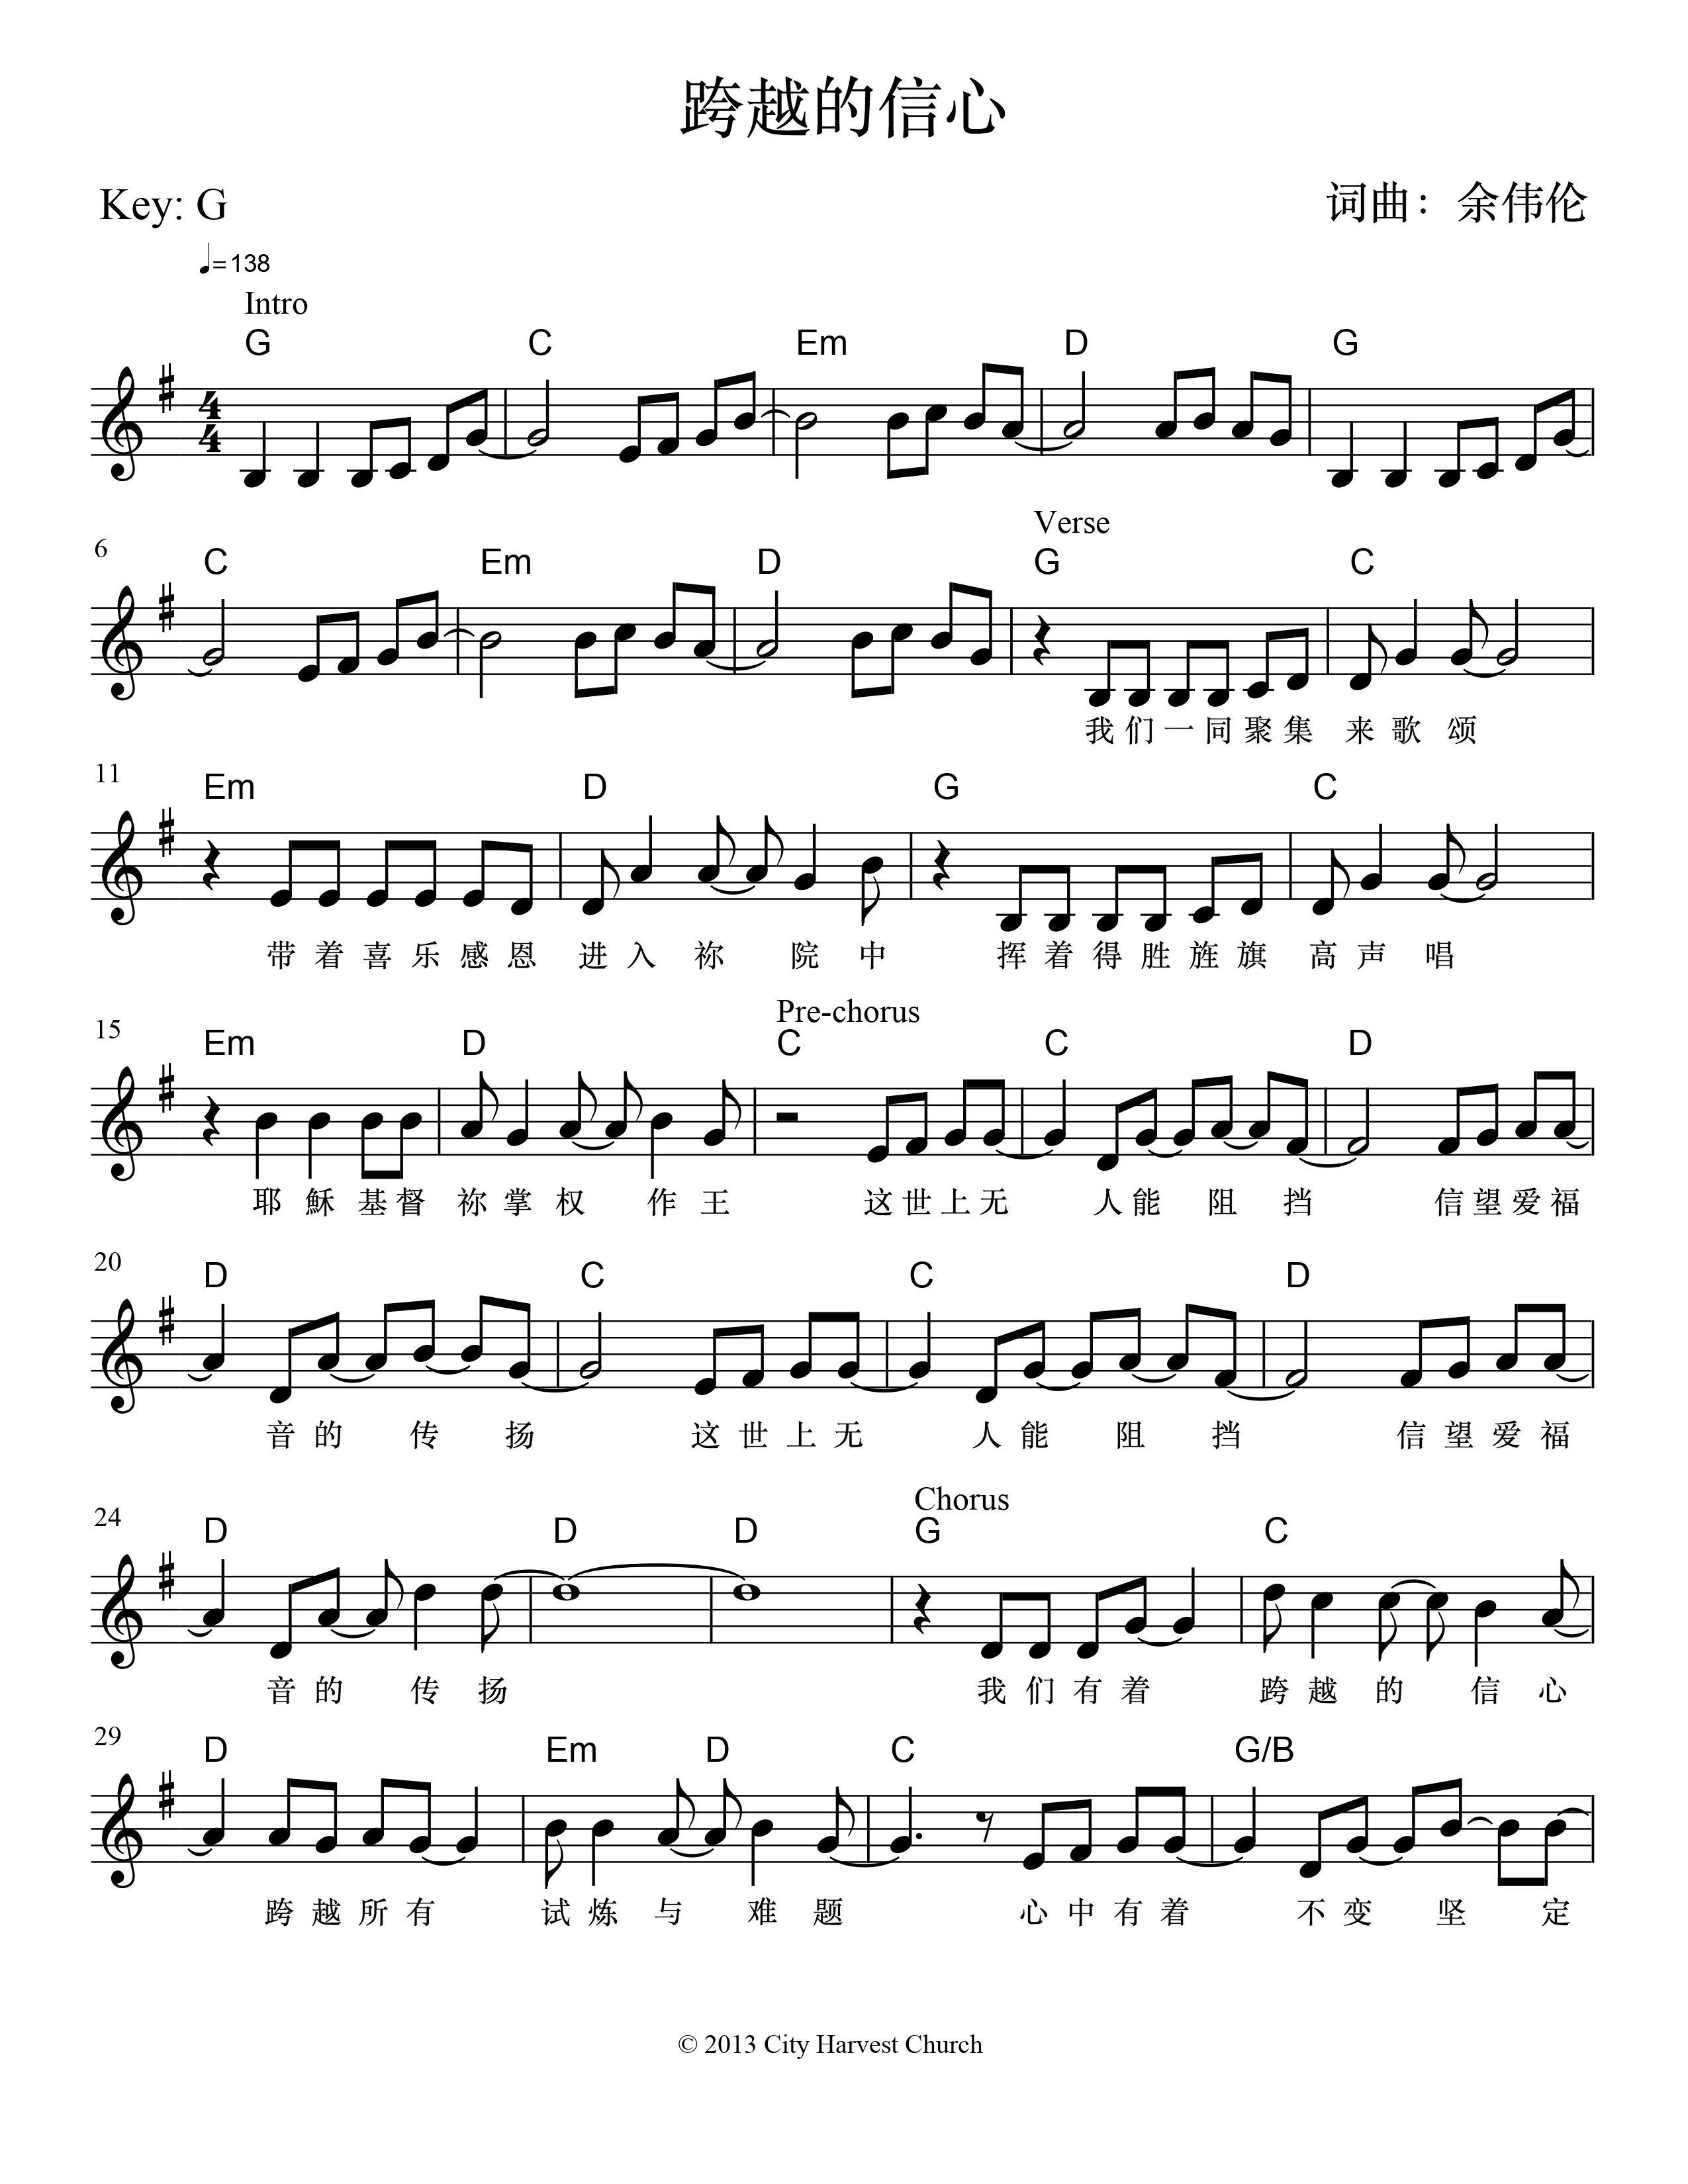 《跨越的信心 官方和弦五线谱》